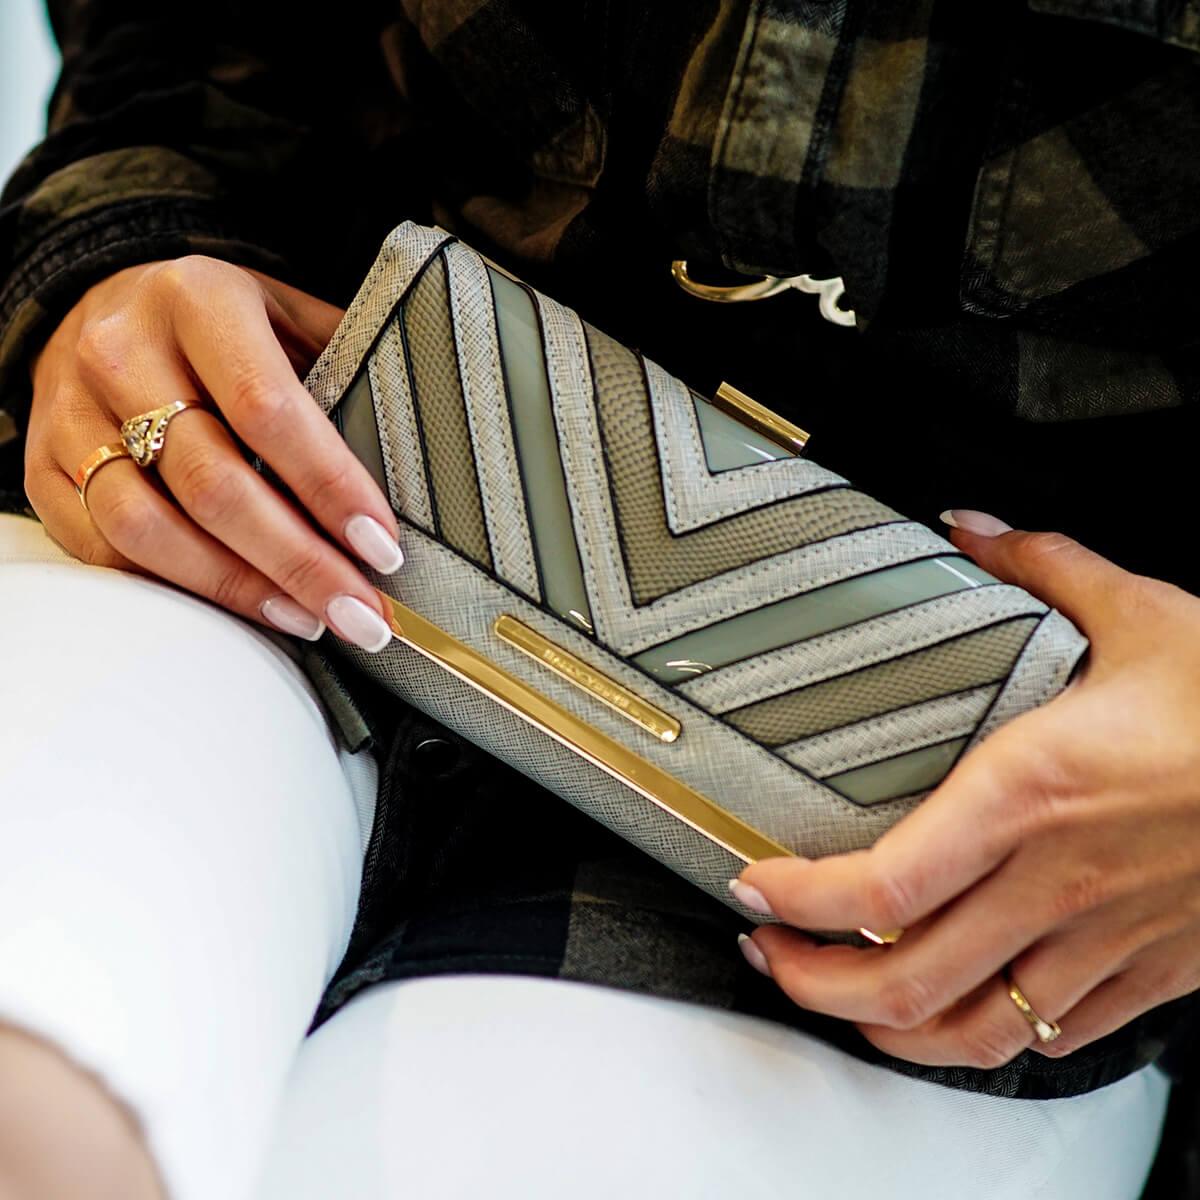 ceceedcd69a06 małe portfele damskie modne portfele damskie portfele młodzieżowe damskie  portfele ze skóry portfele damskie tanie ...